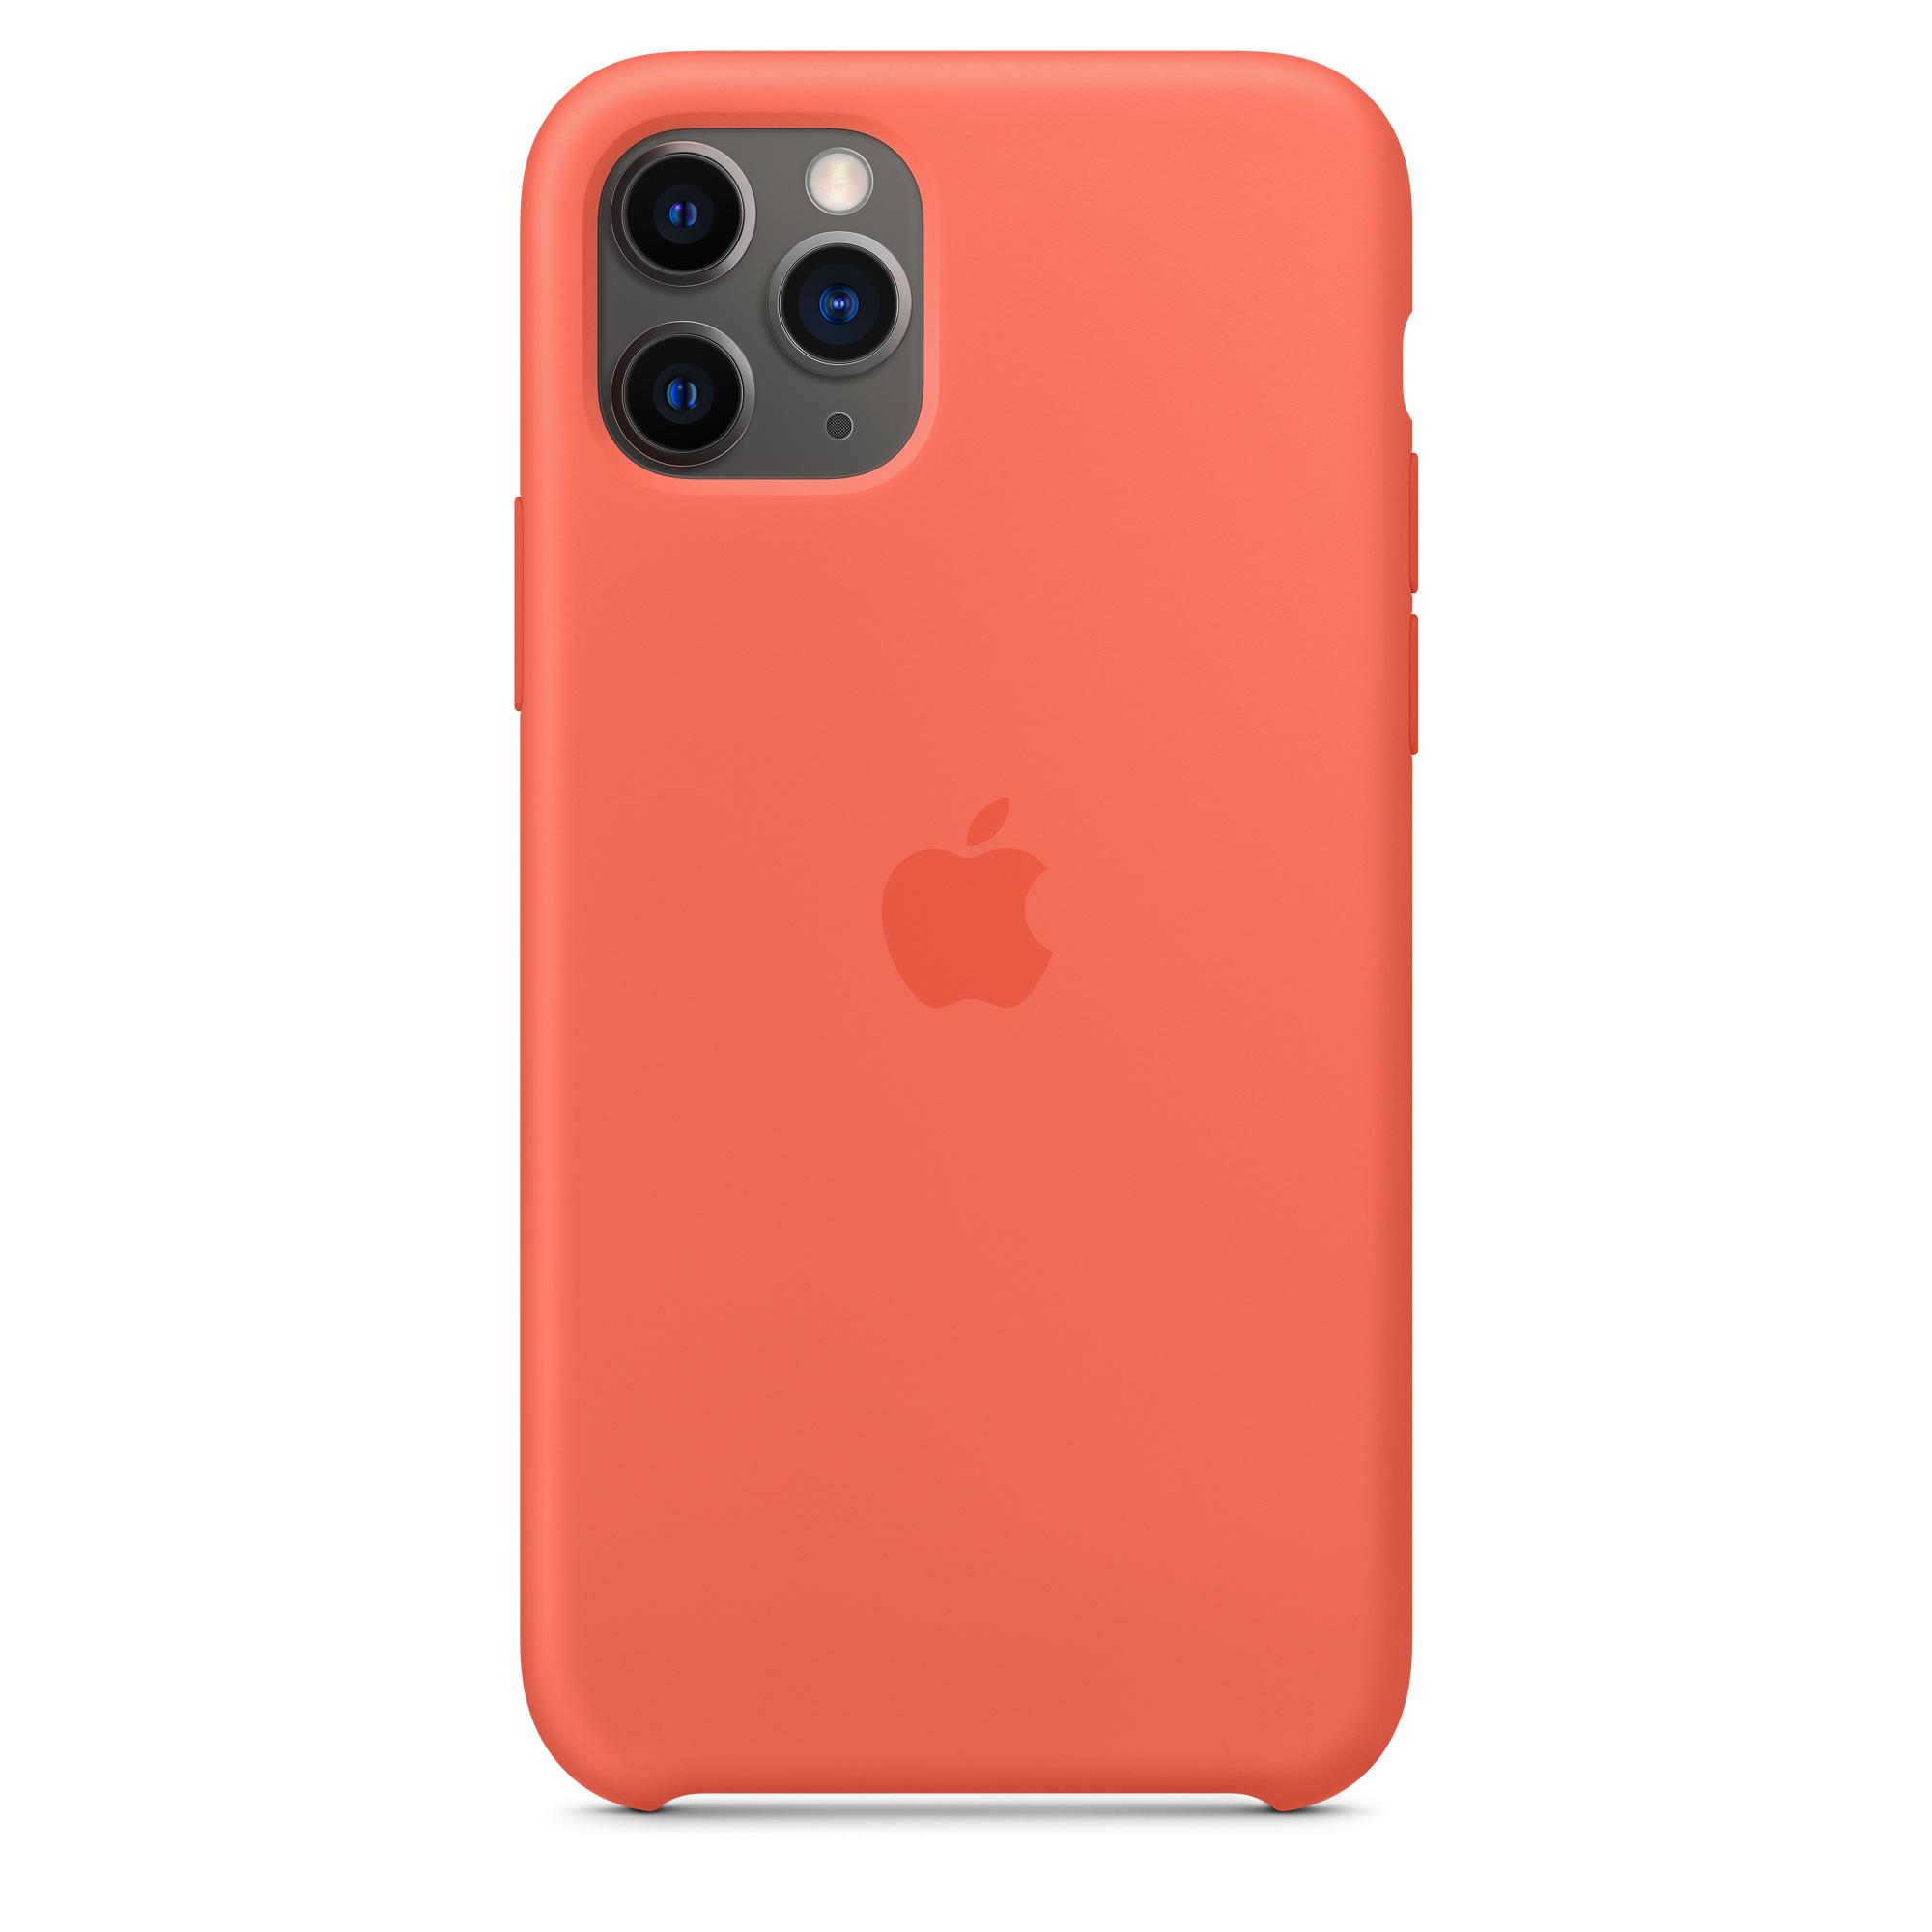 Étui en silicone pour iPhone 11 Pro - Clémentine